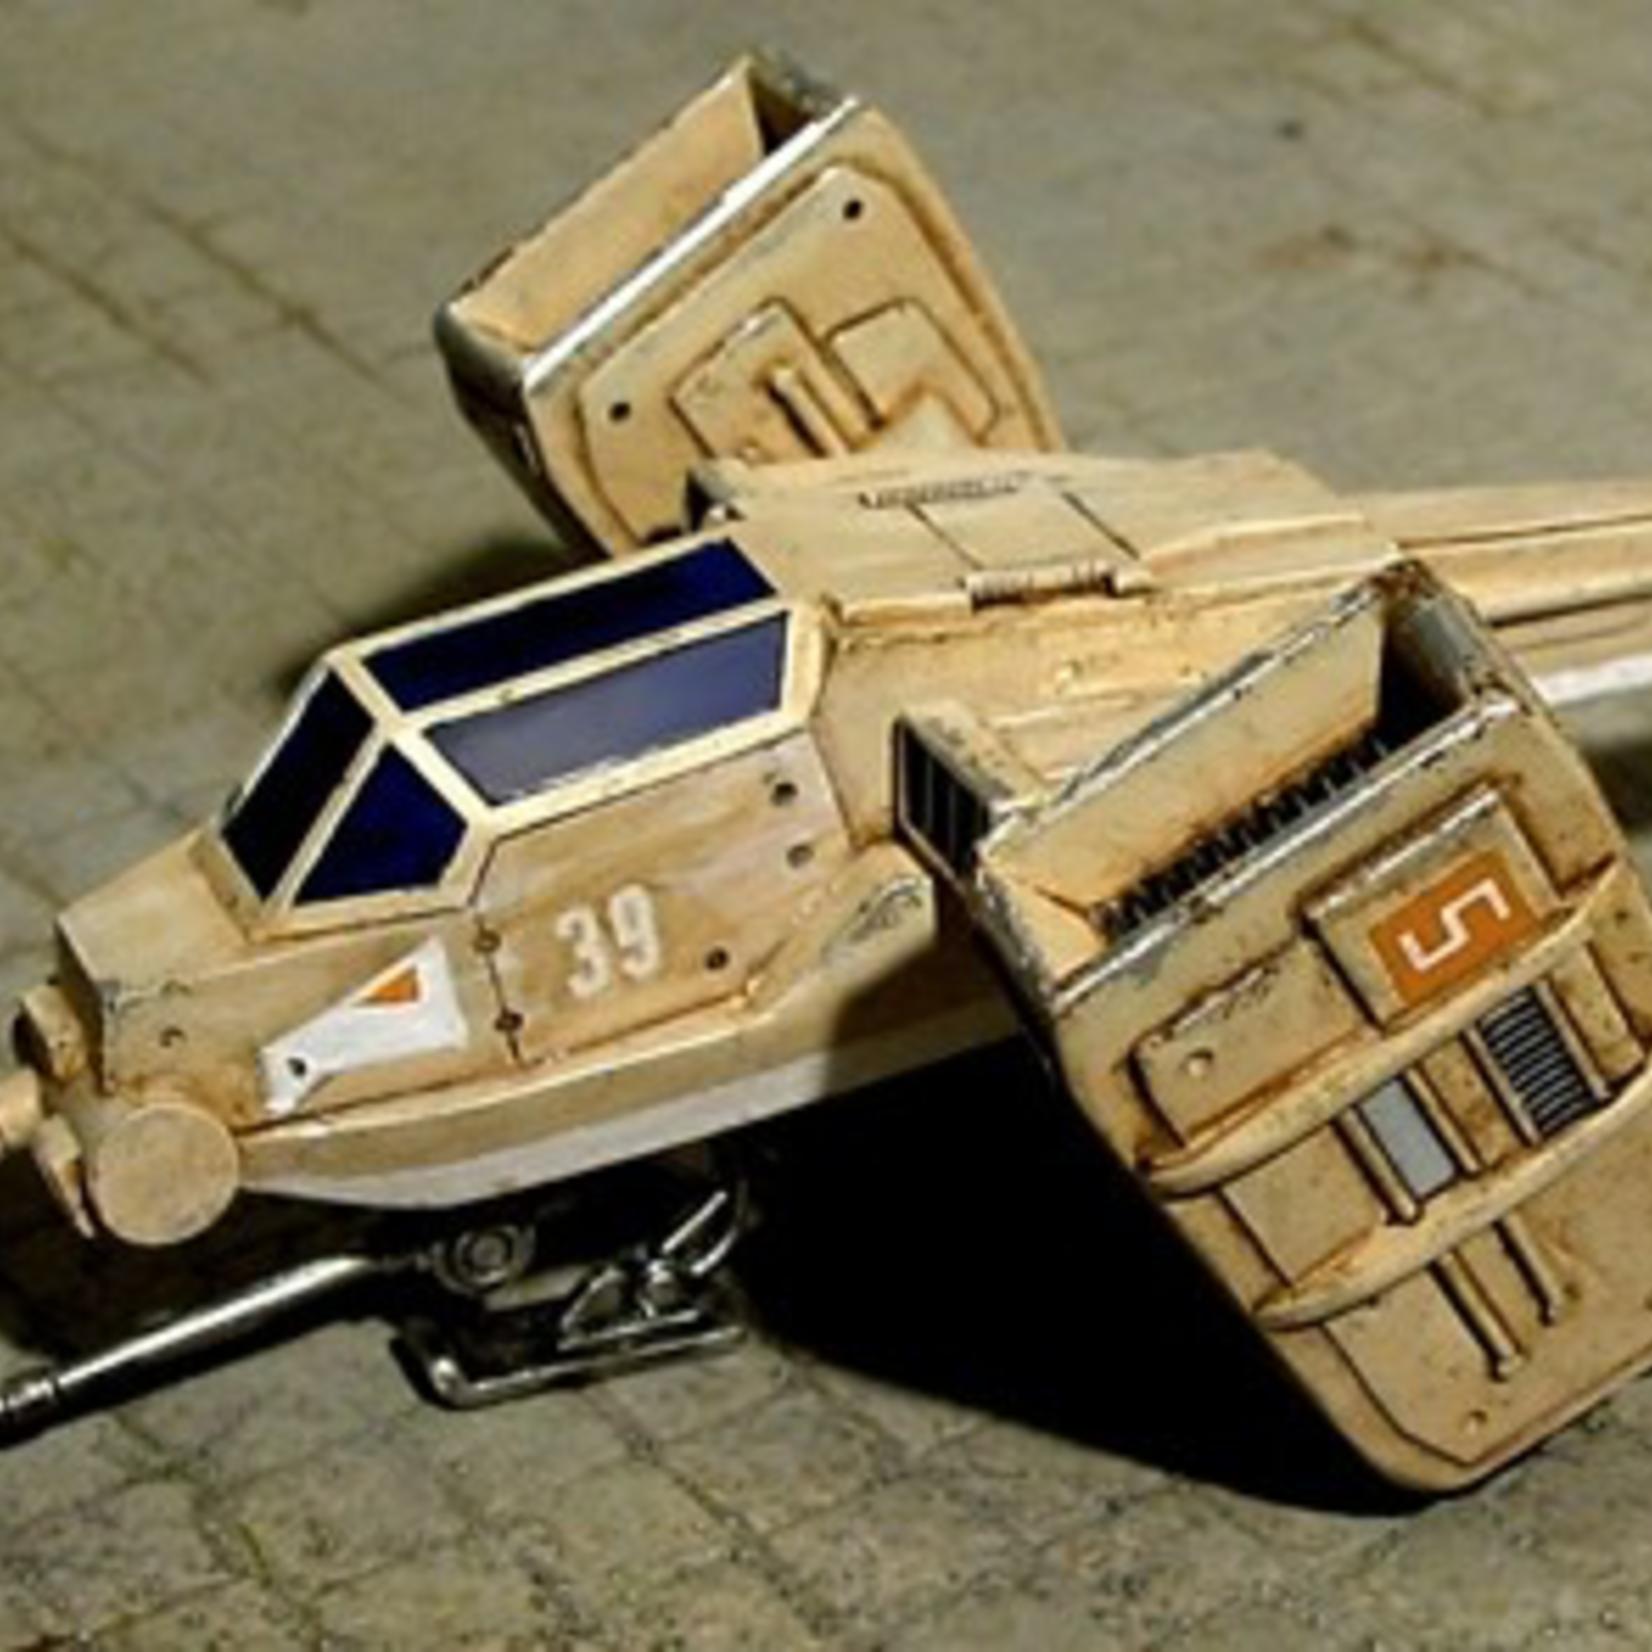 Dragonfly VTOL